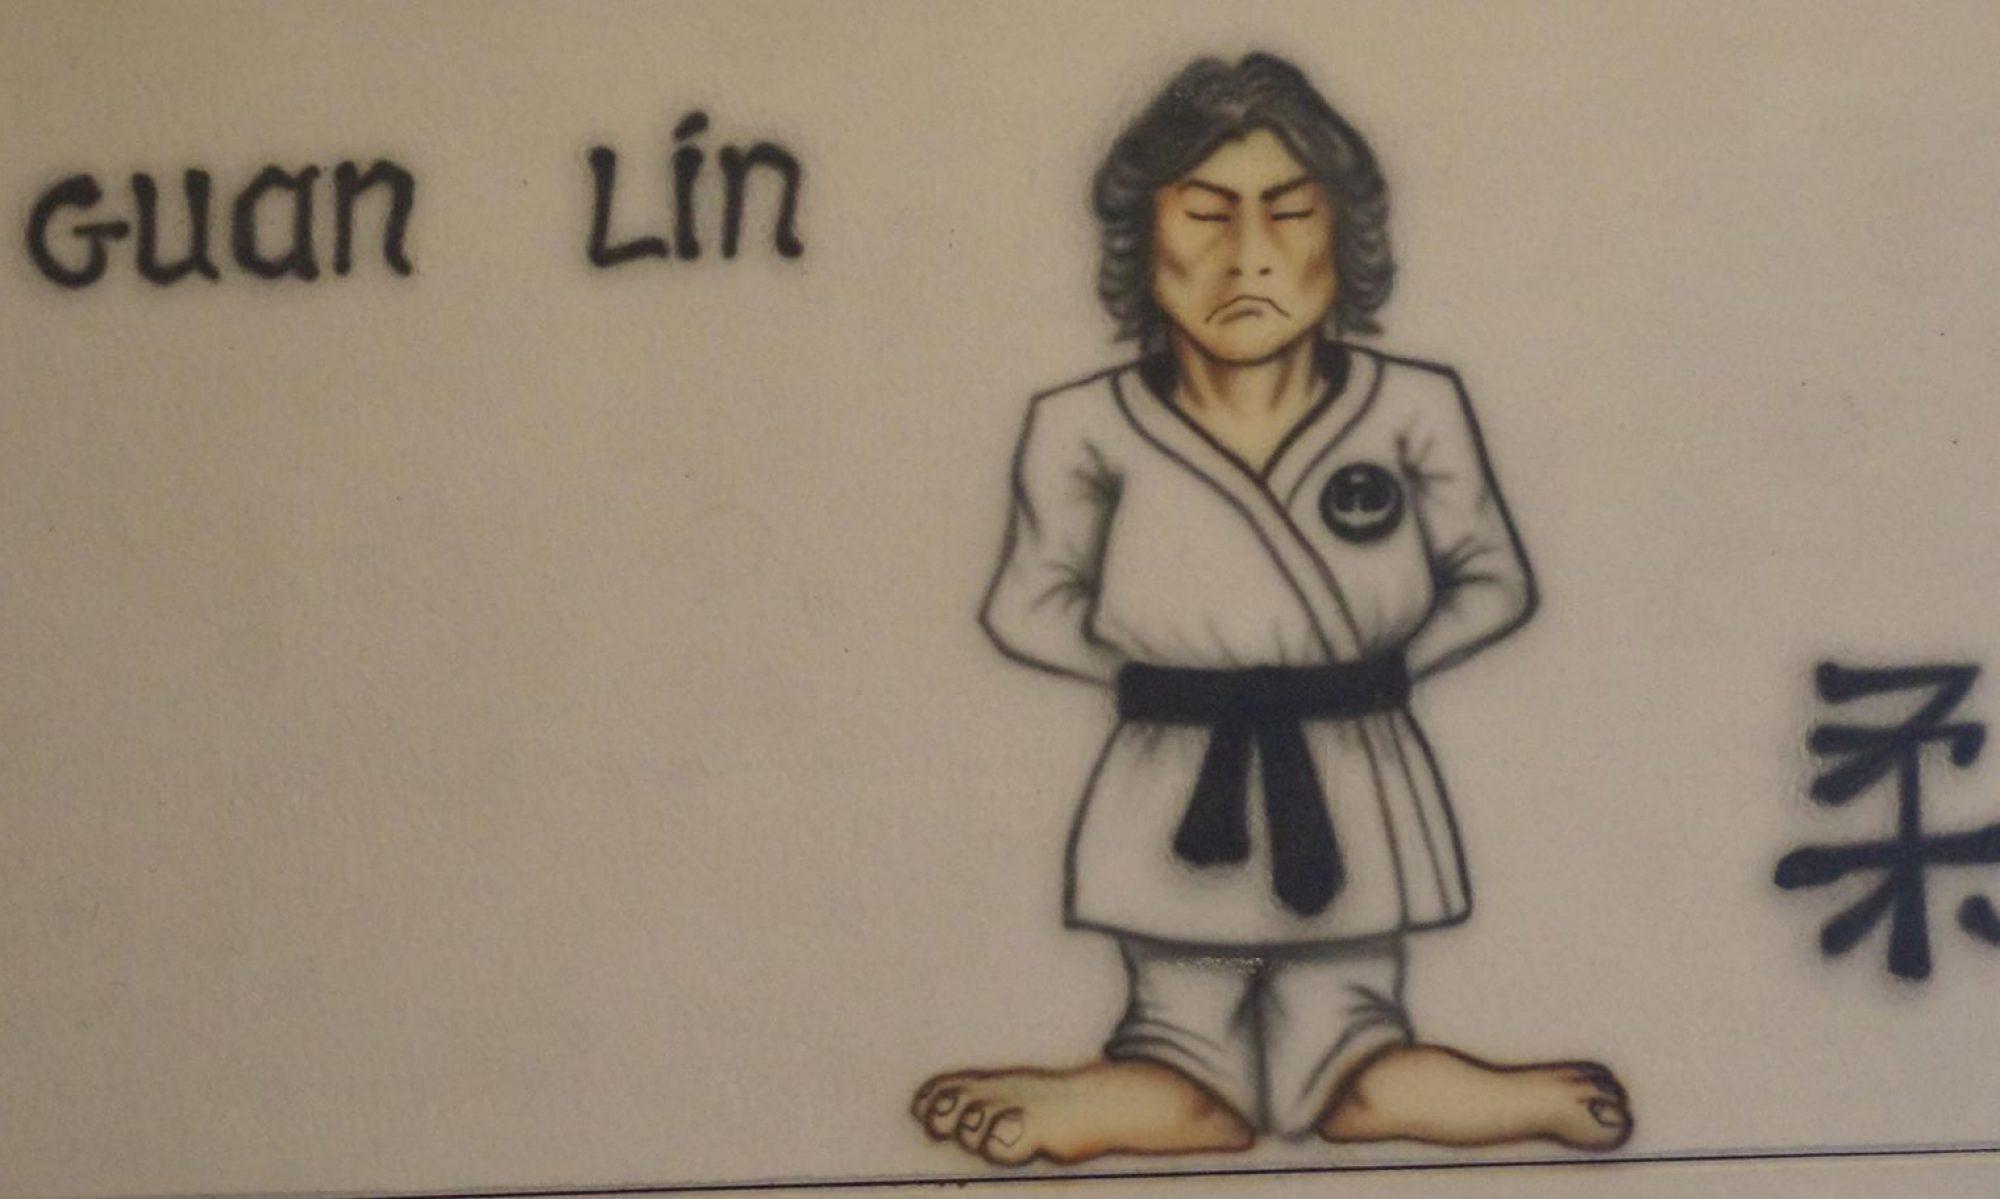 Guan Lin - Judo op De Mussen